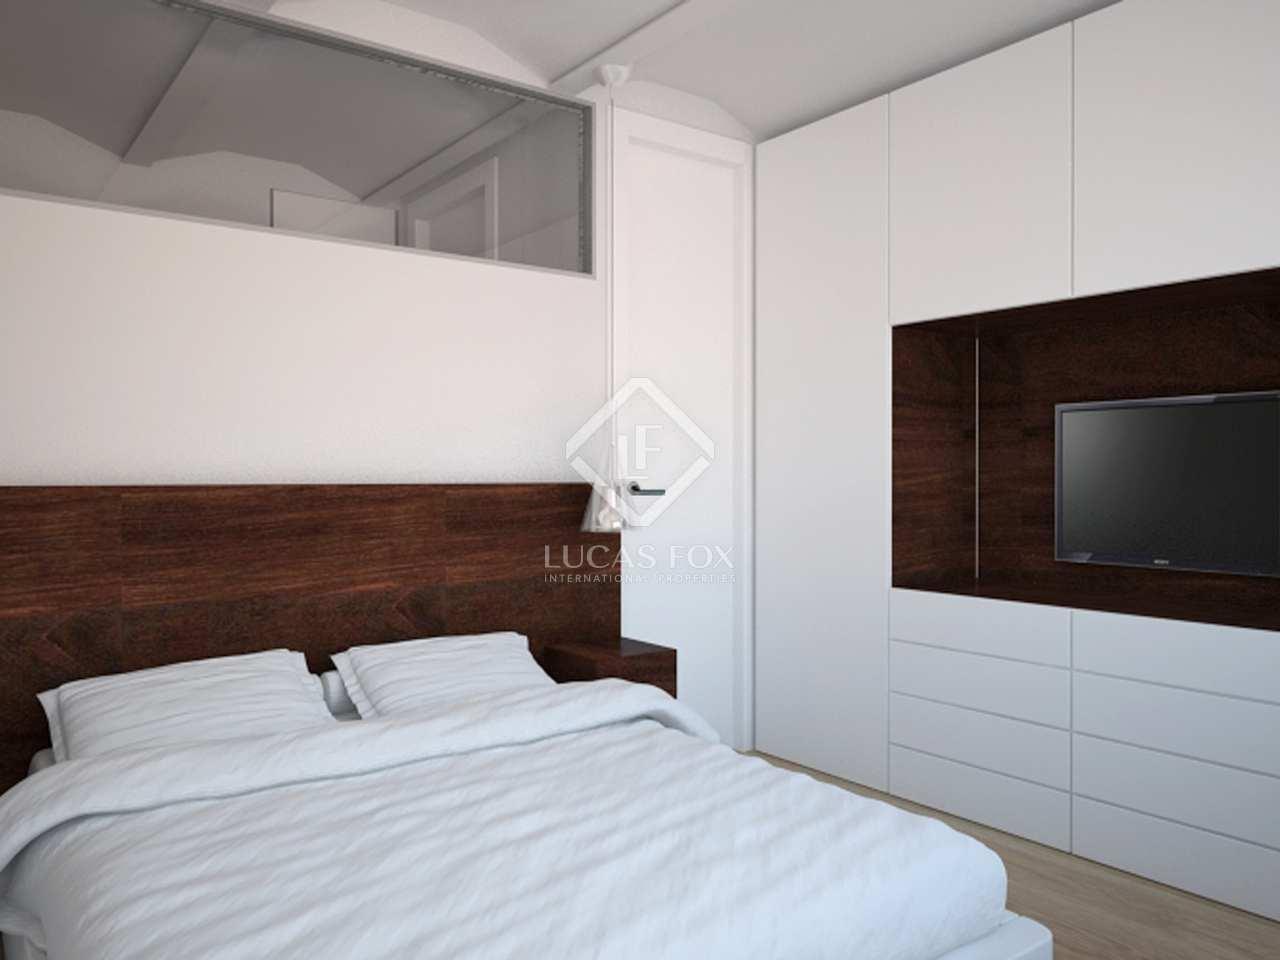 Apartamento renovado en venta en la calle casp - Calle casp barcelona ...